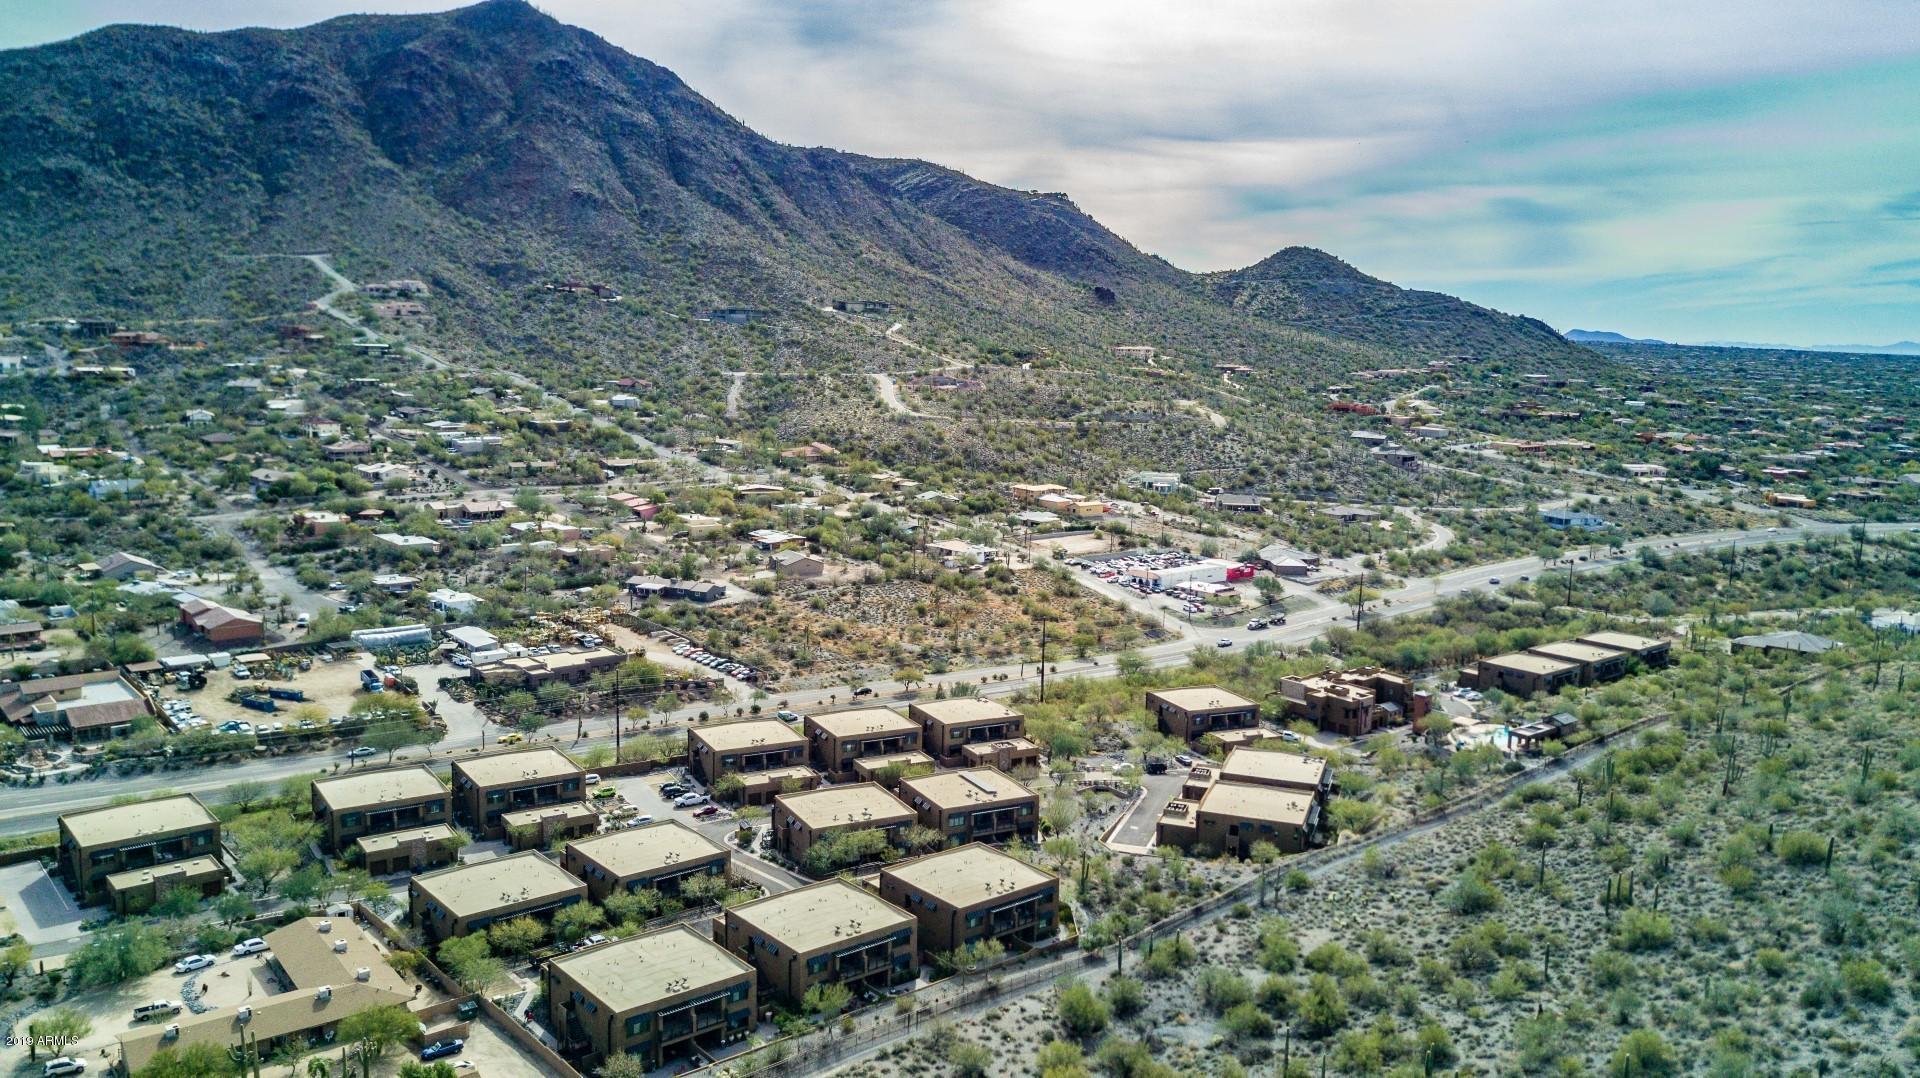 MLS 5960299 36600 N CAVE CREEK Road Unit 6C Building 6, Cave Creek, AZ 85331 Cave Creek AZ Condo or Townhome